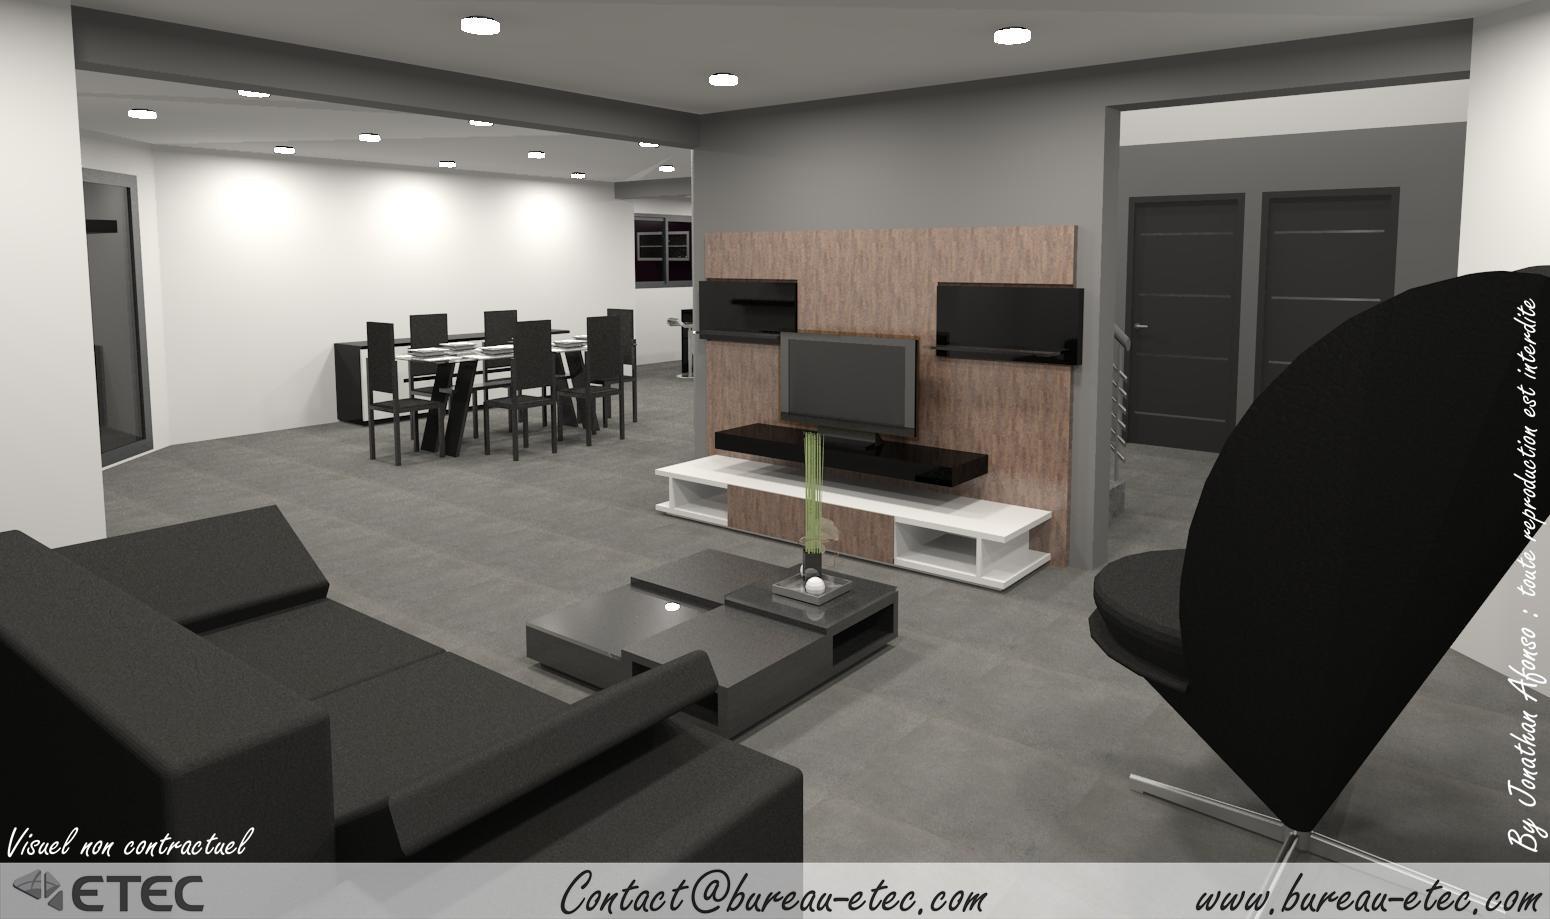 Maison contemporaine couternon etec for Concepteur de plan de maison